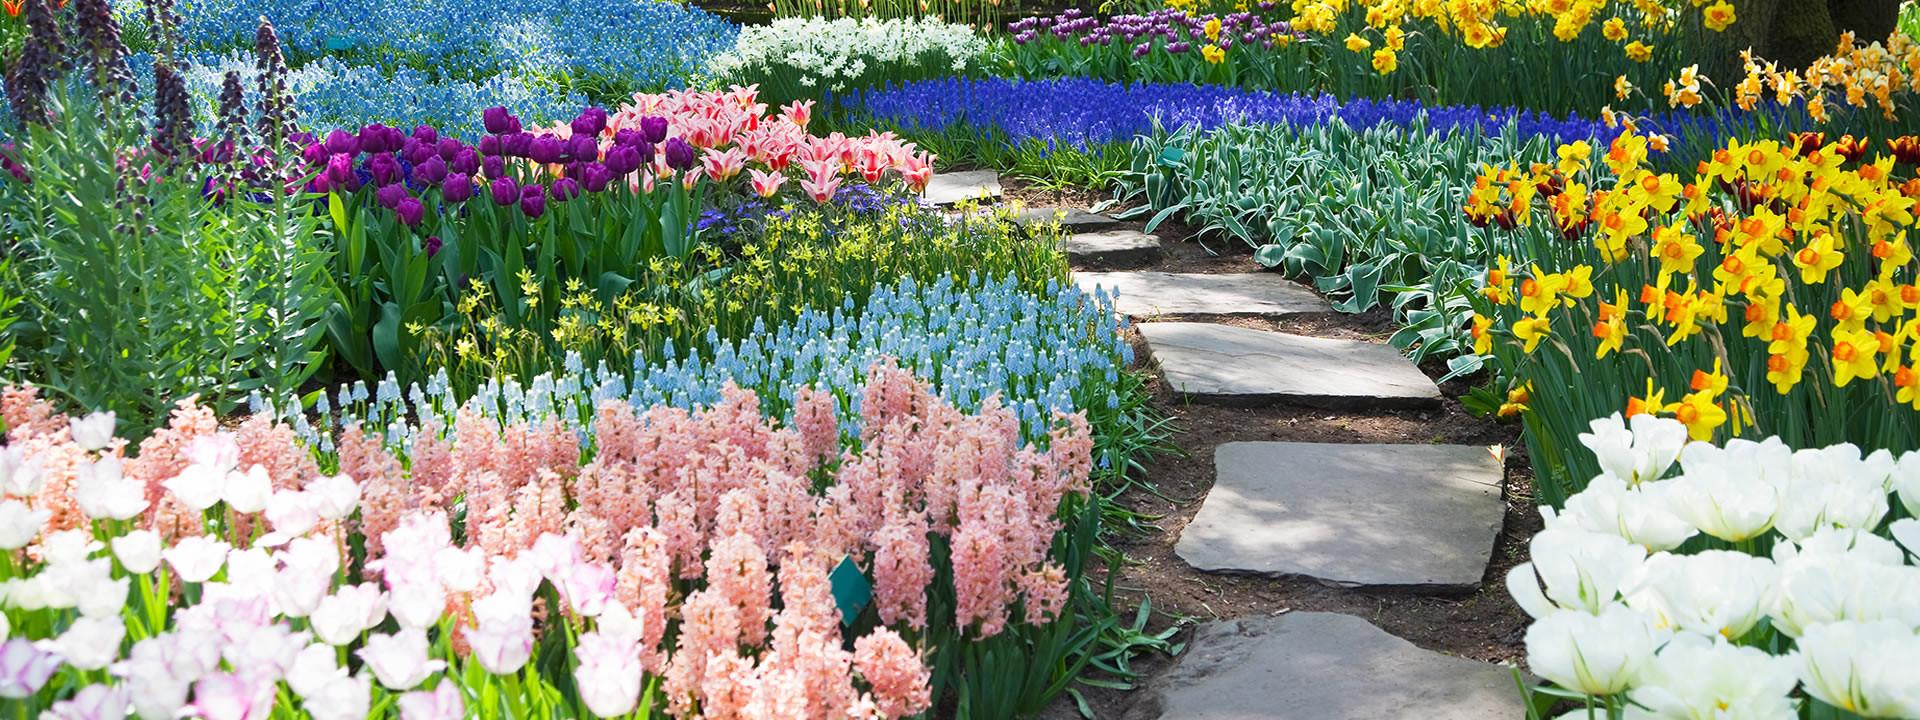 Resources | Glen Haven Memorial Gardens